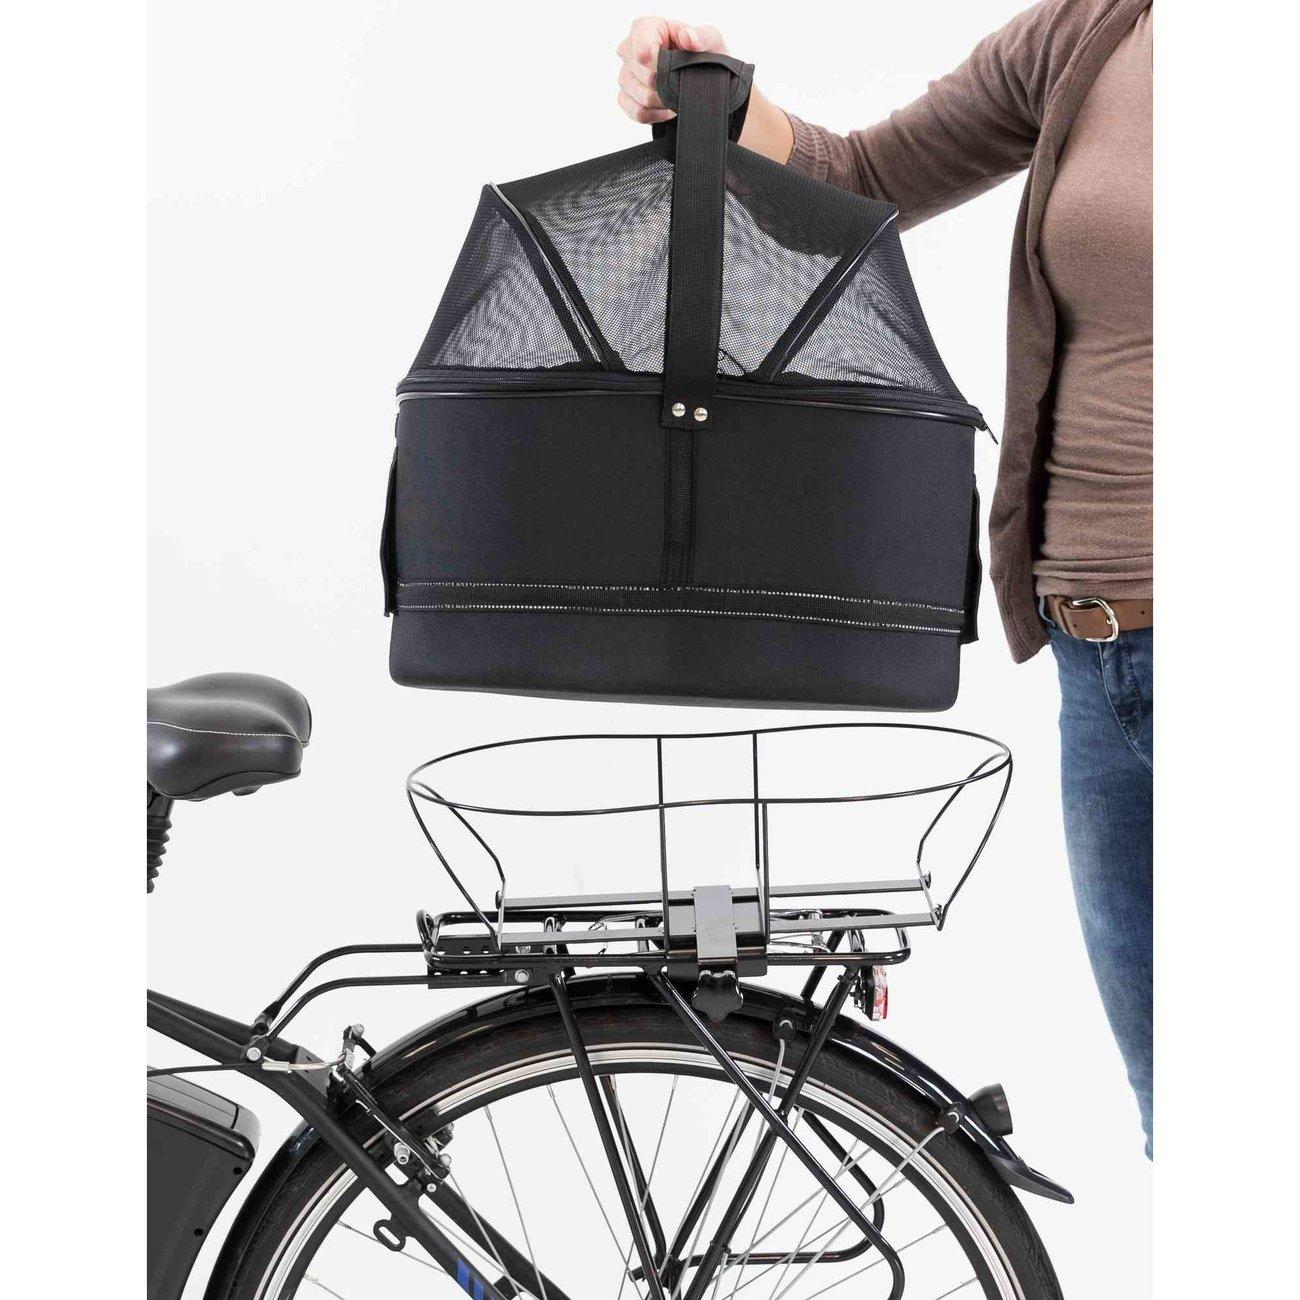 Fahrradtasche mit Metallrahmen für breite Gepäckträger Bild 15